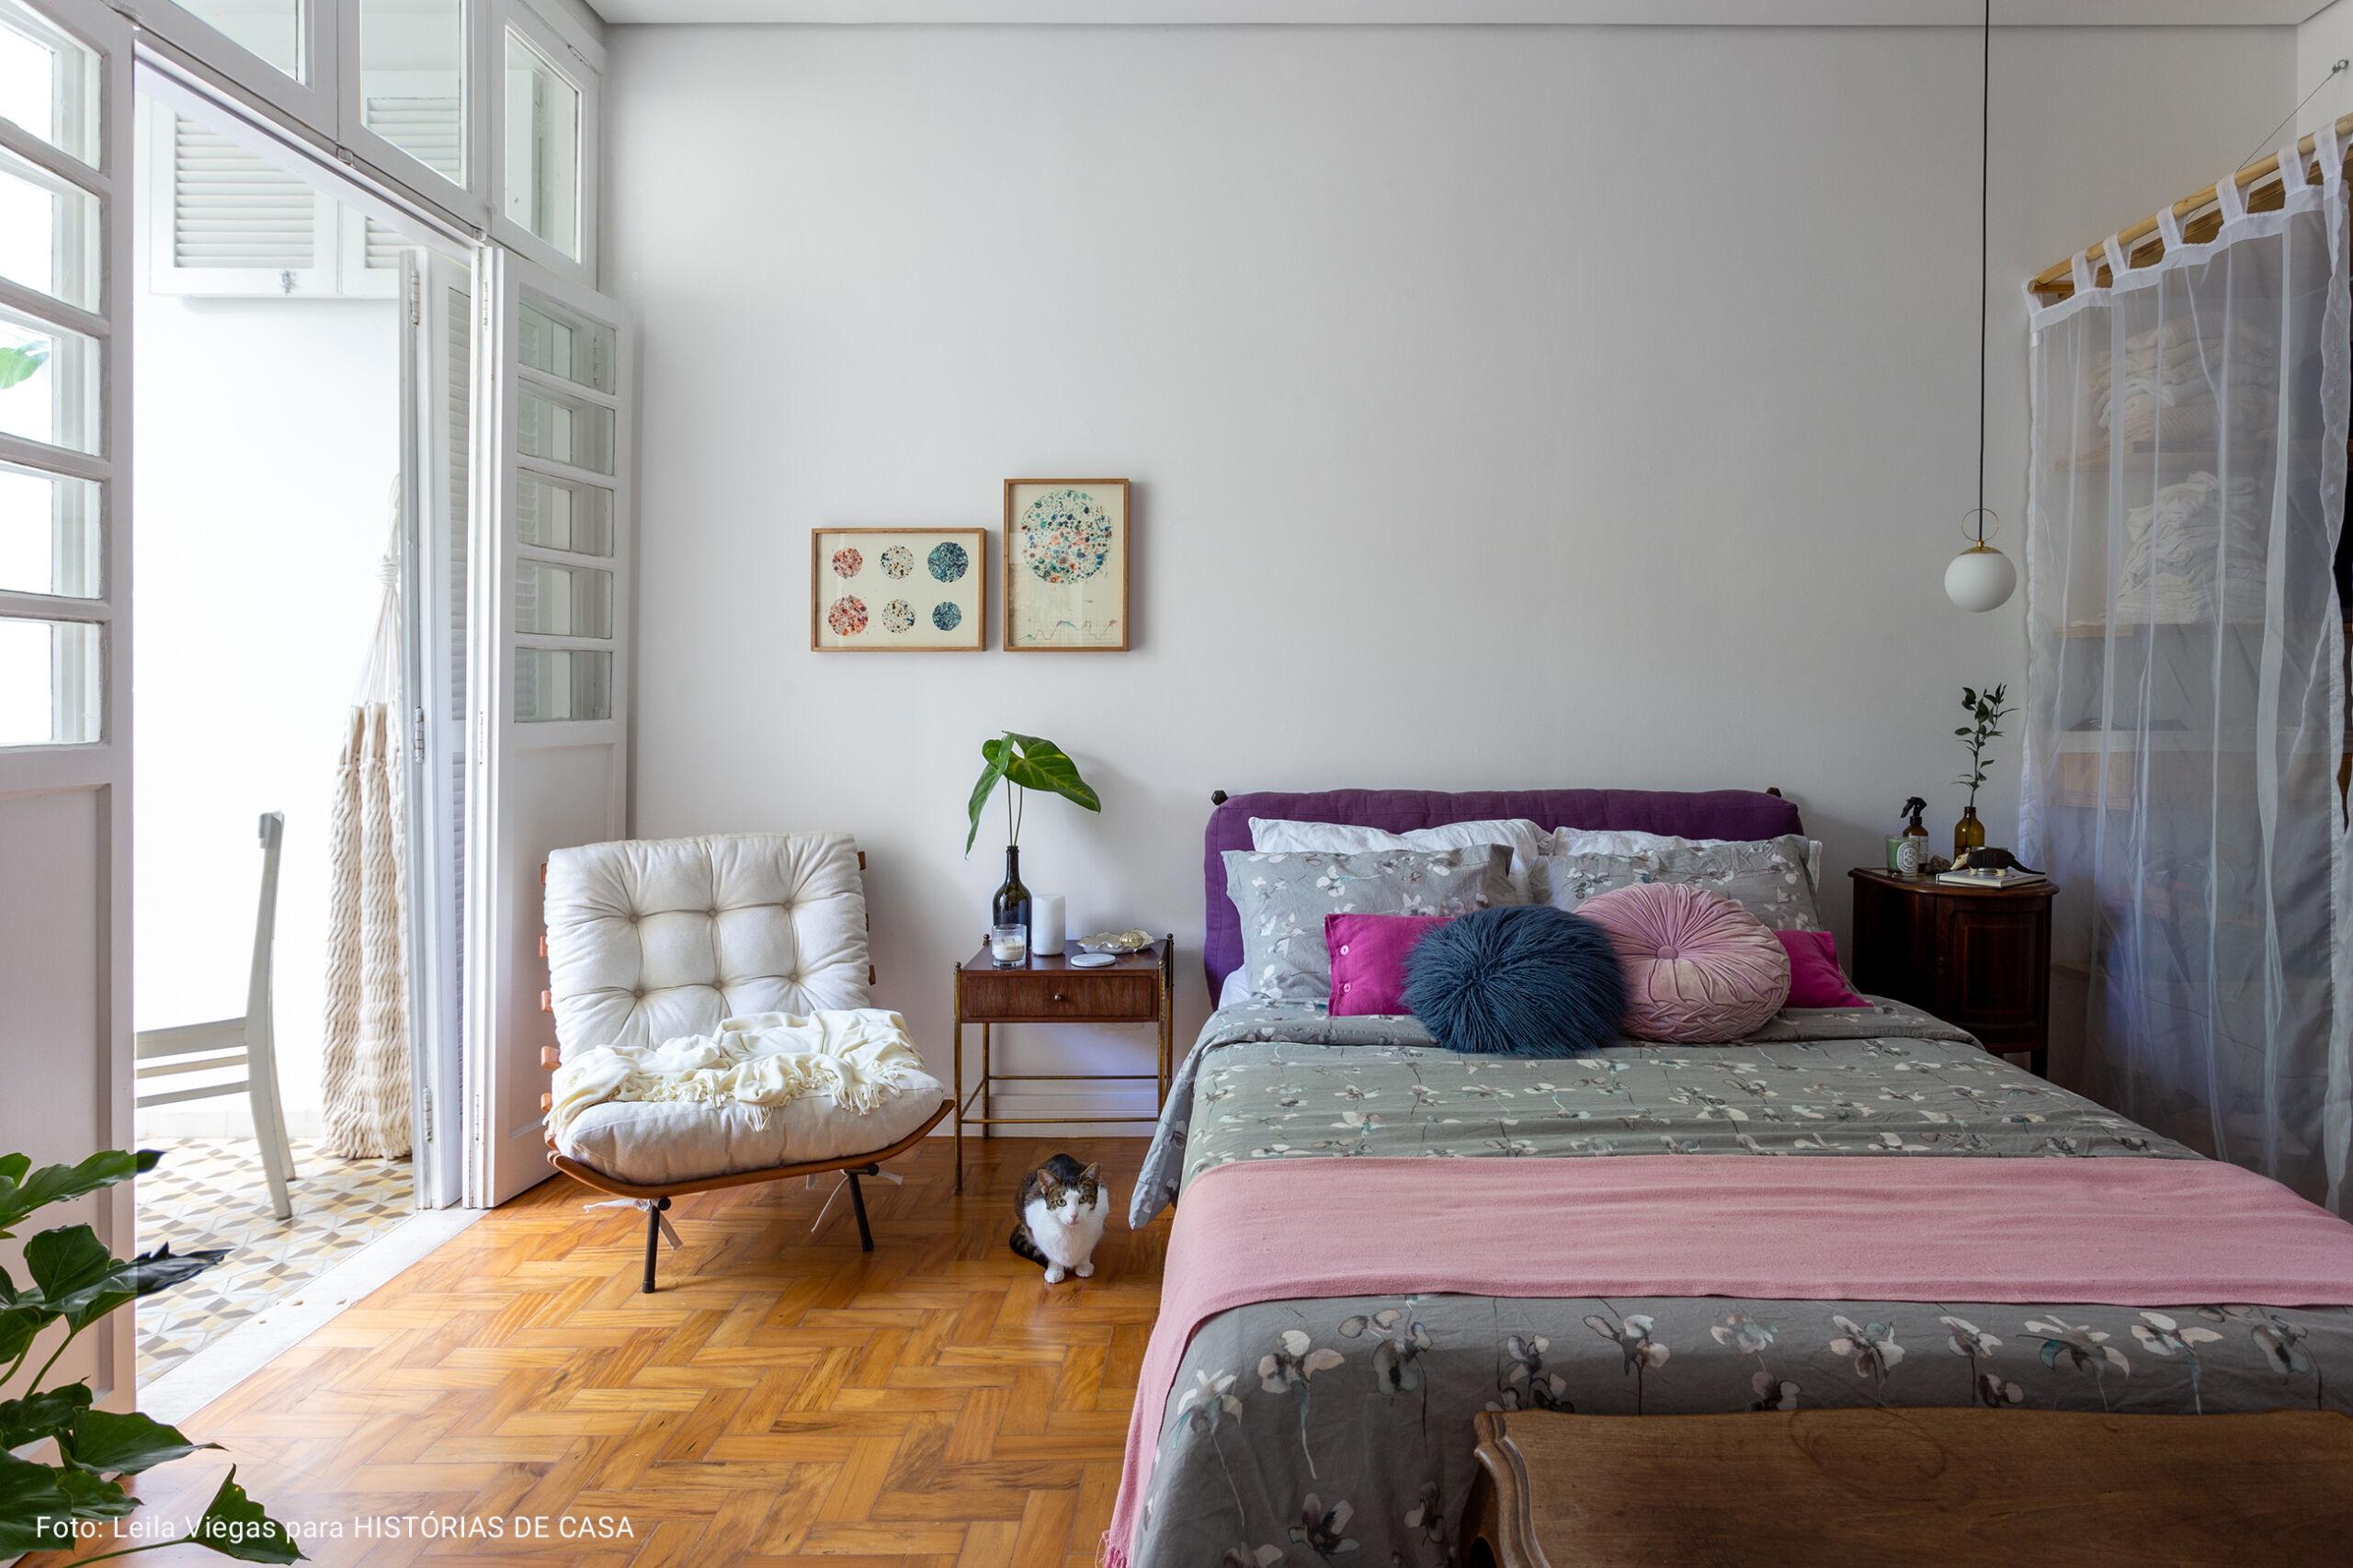 quarto com manta rosa na cama